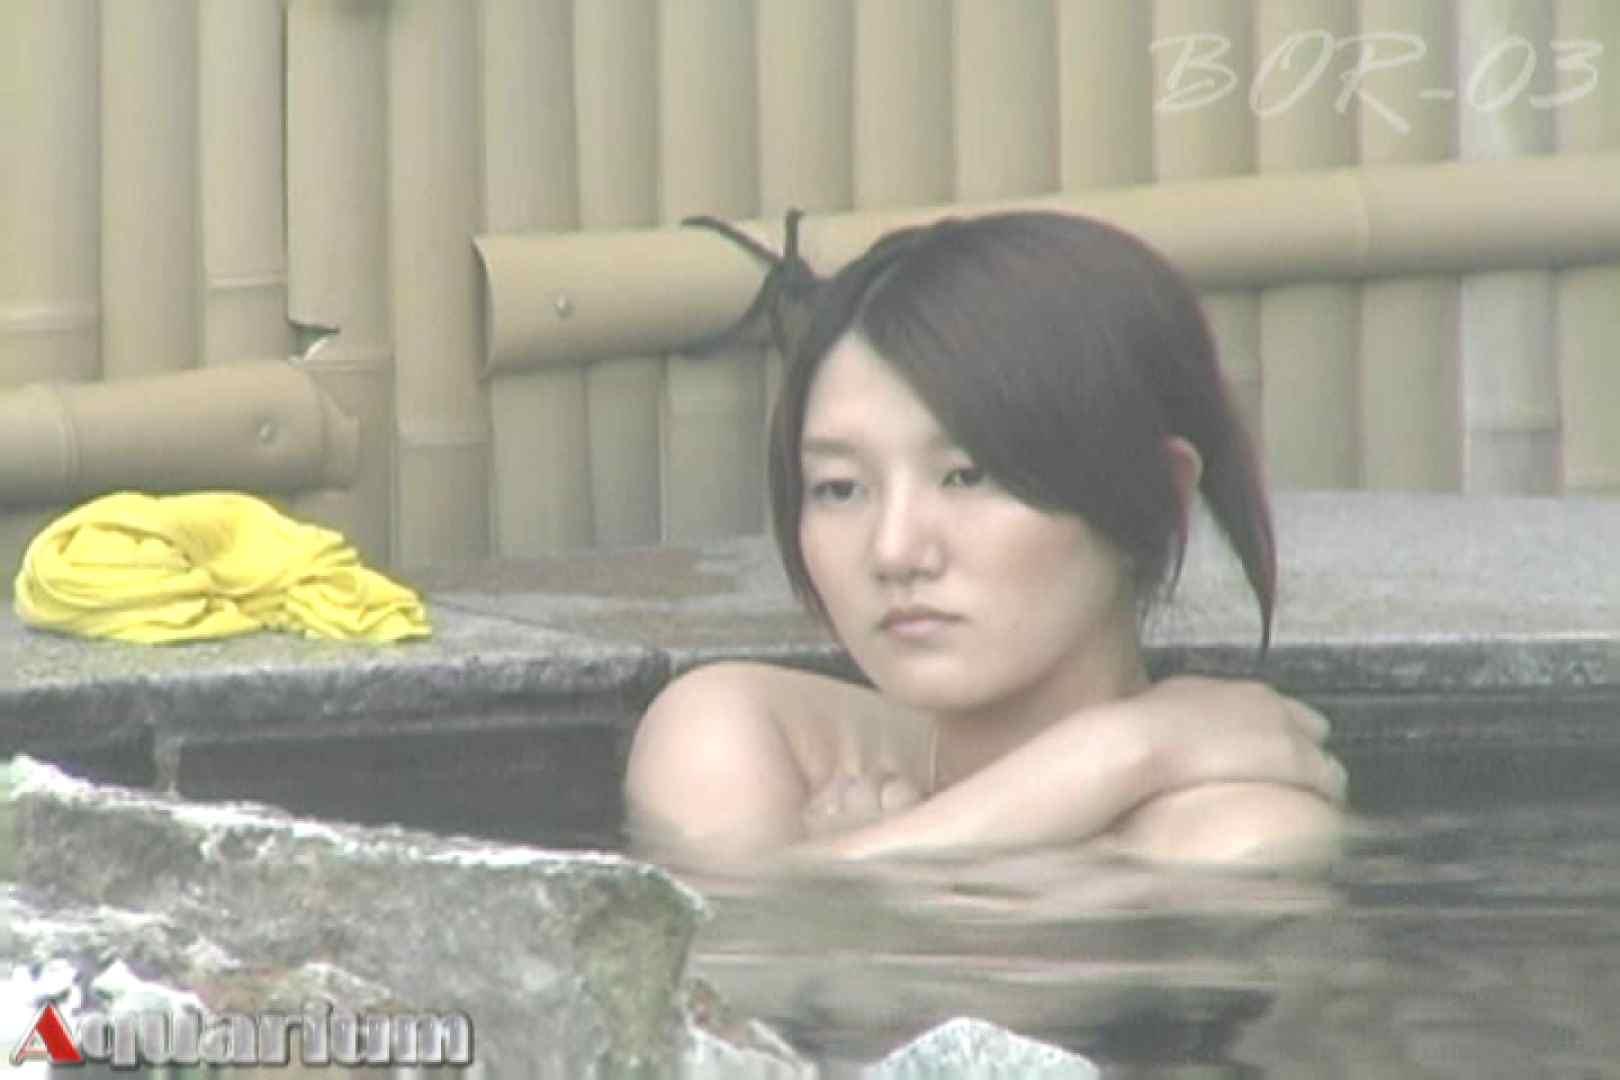 Aquaな露天風呂Vol.487 OLのエロ生活  95連発 72